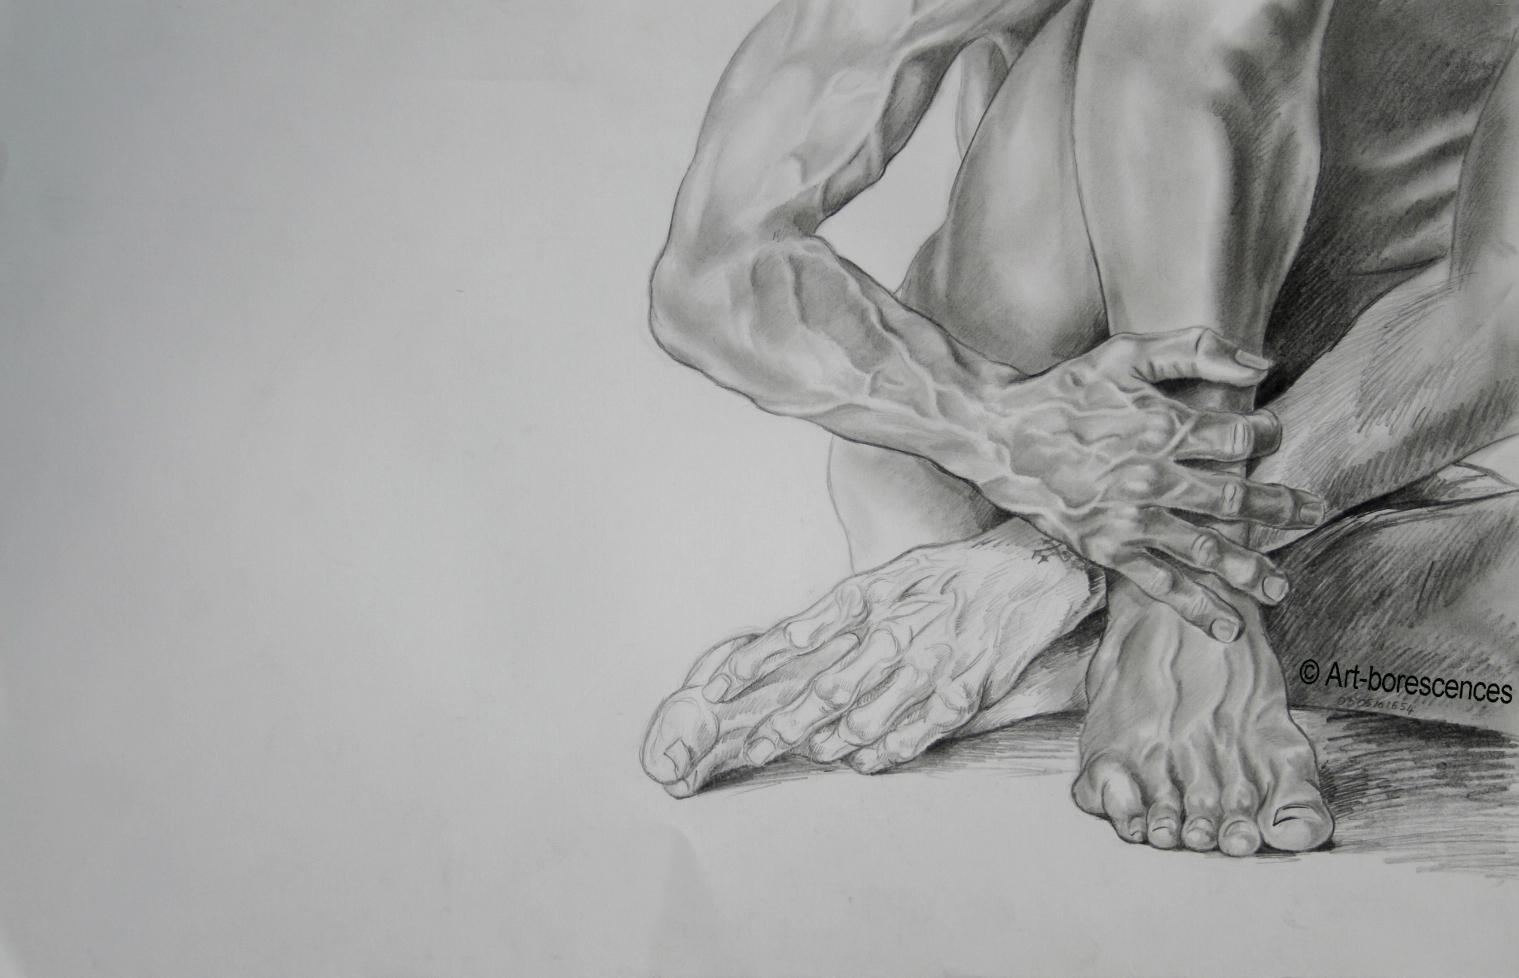 Etude de mains et pieds art borescences mod le vivant - Dessin de la main ...